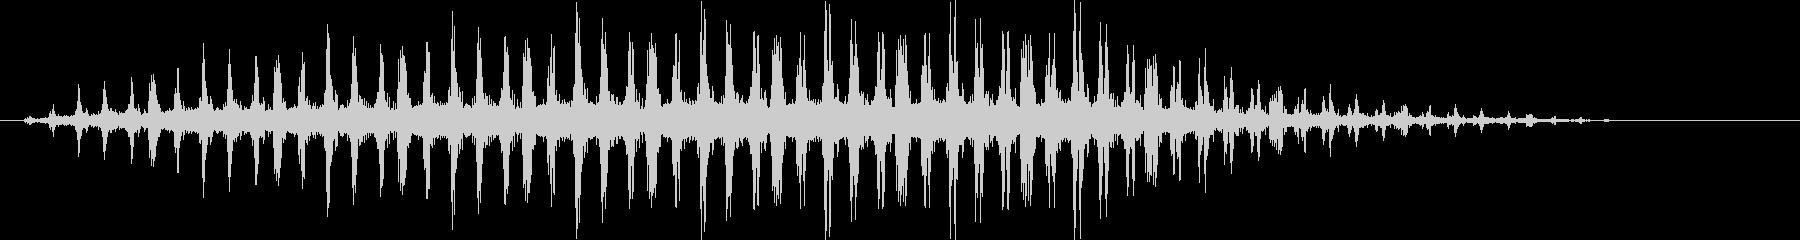 バラバラバラバラ… (ヘリコプターの音)の未再生の波形